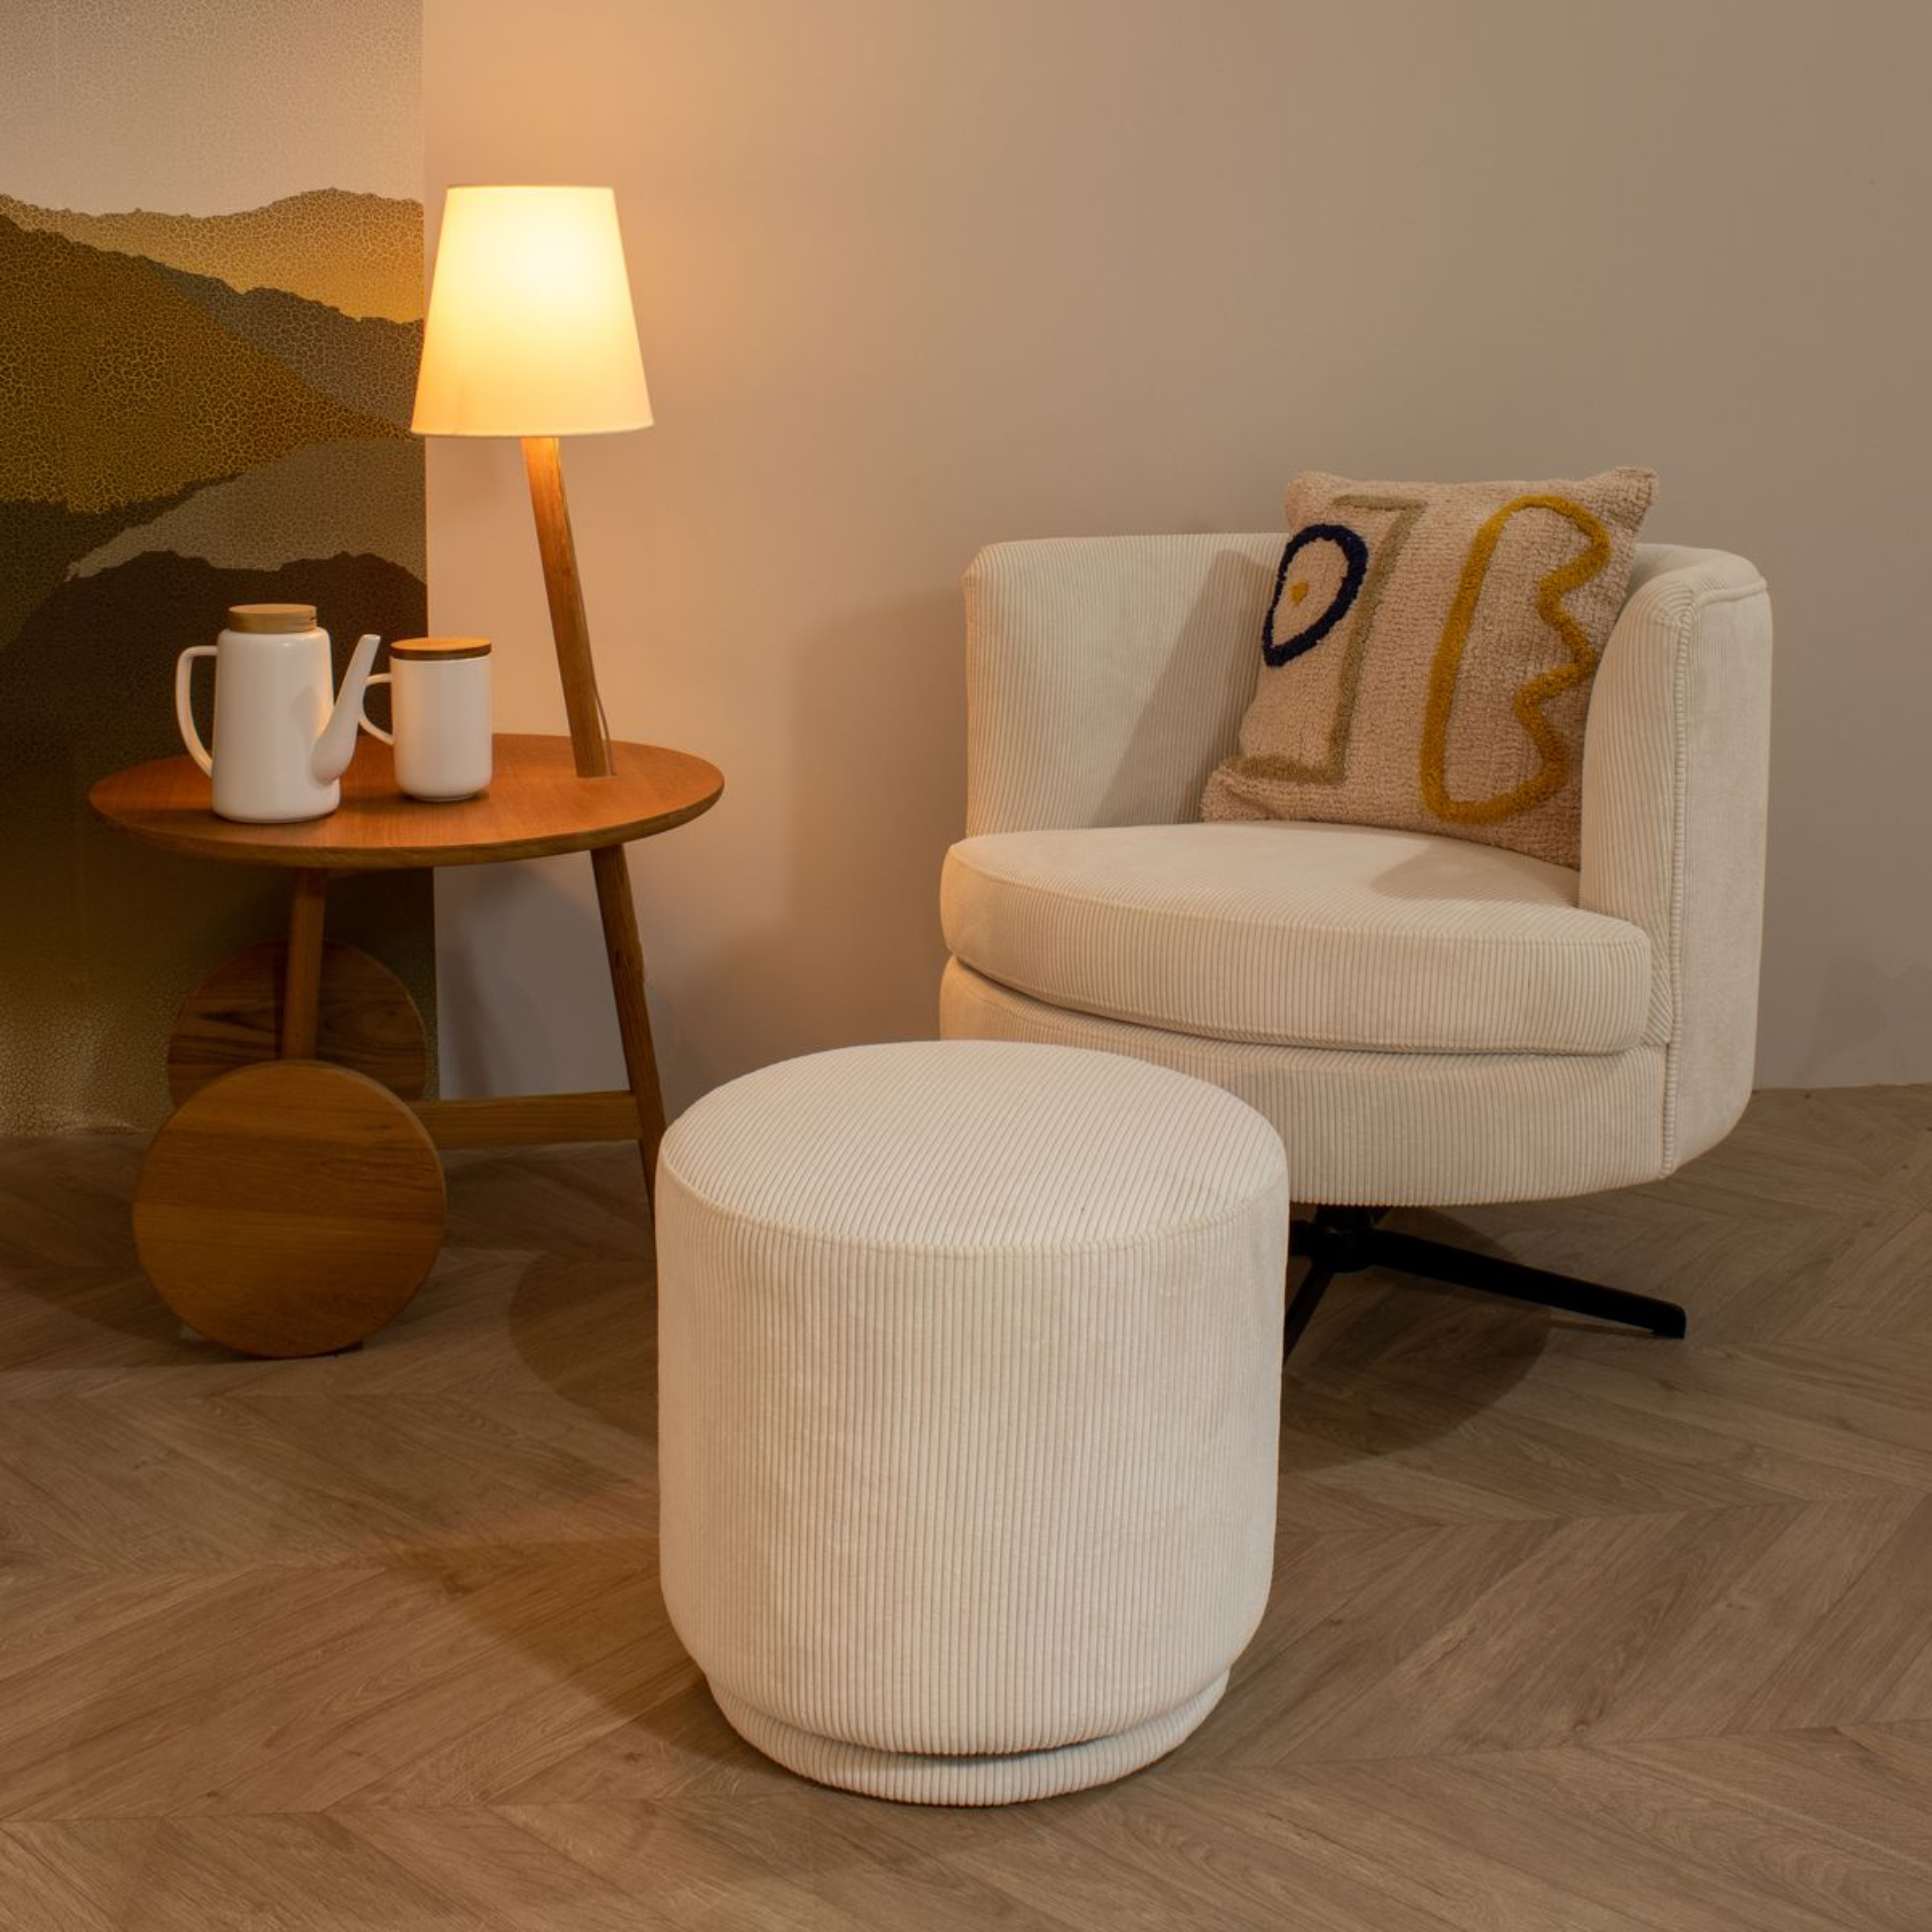 Table d'appoint en teck avec lampe